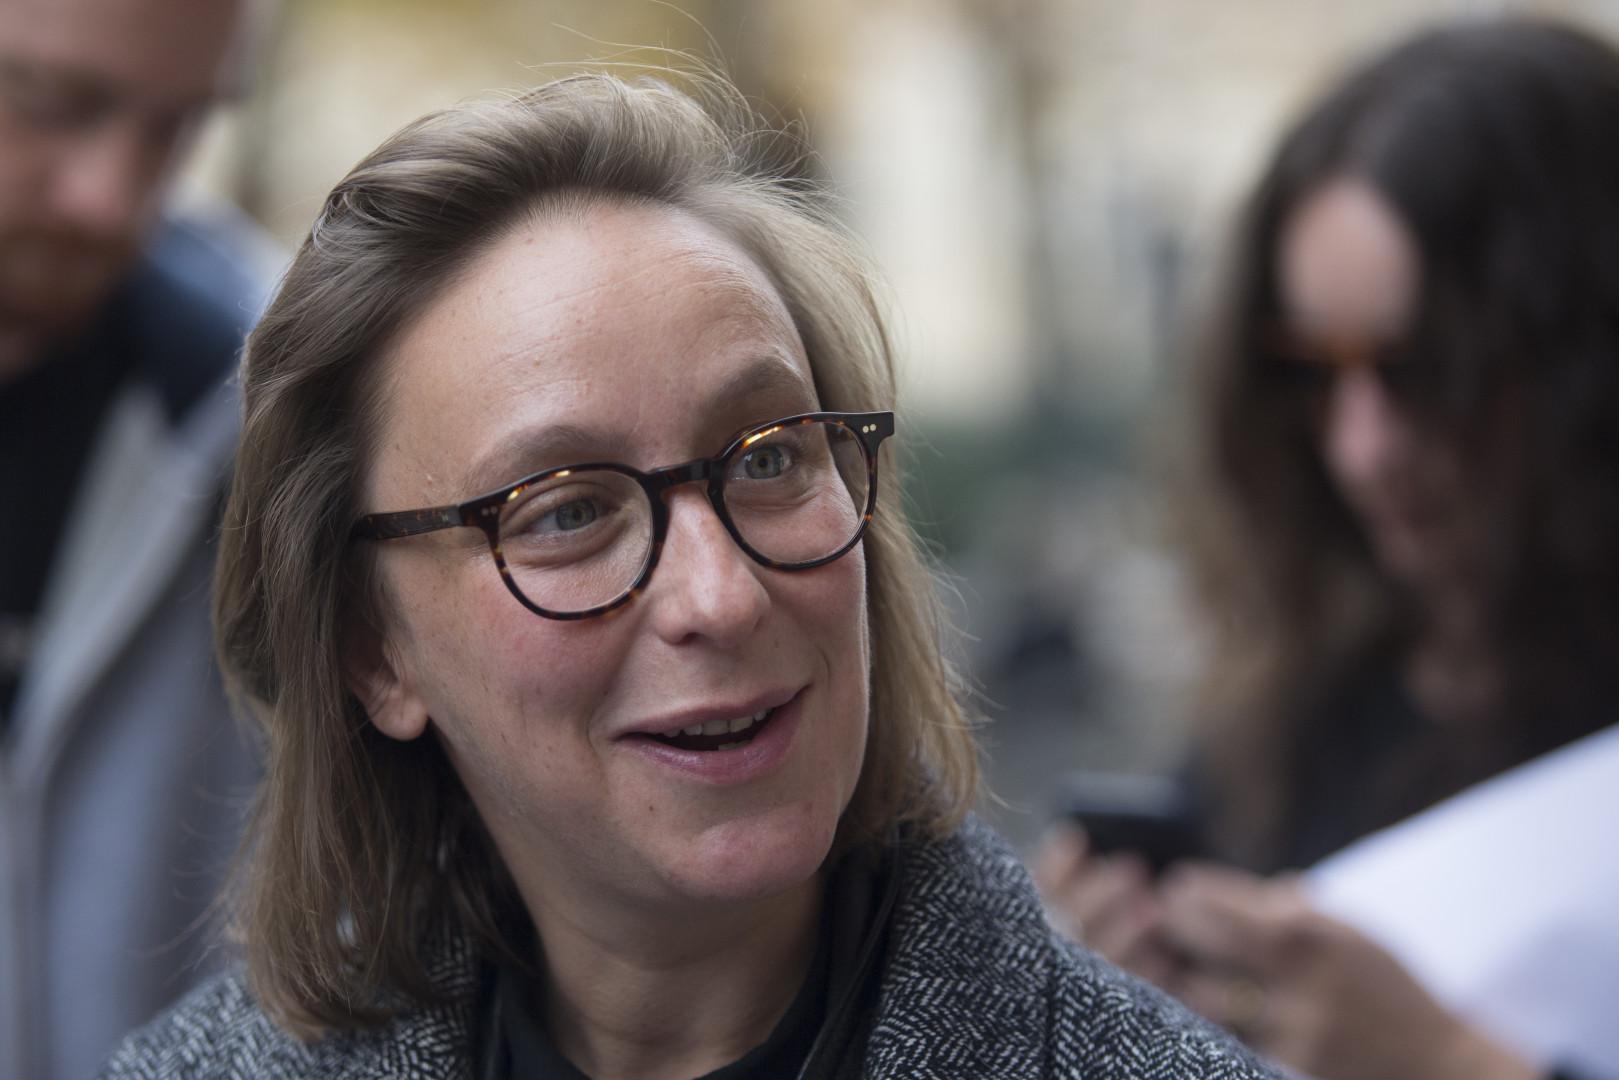 """Céline Sciamma, réalisatrice française de """"Portrait de la jeune fille en feu"""", présenté en Sélection Officielle"""